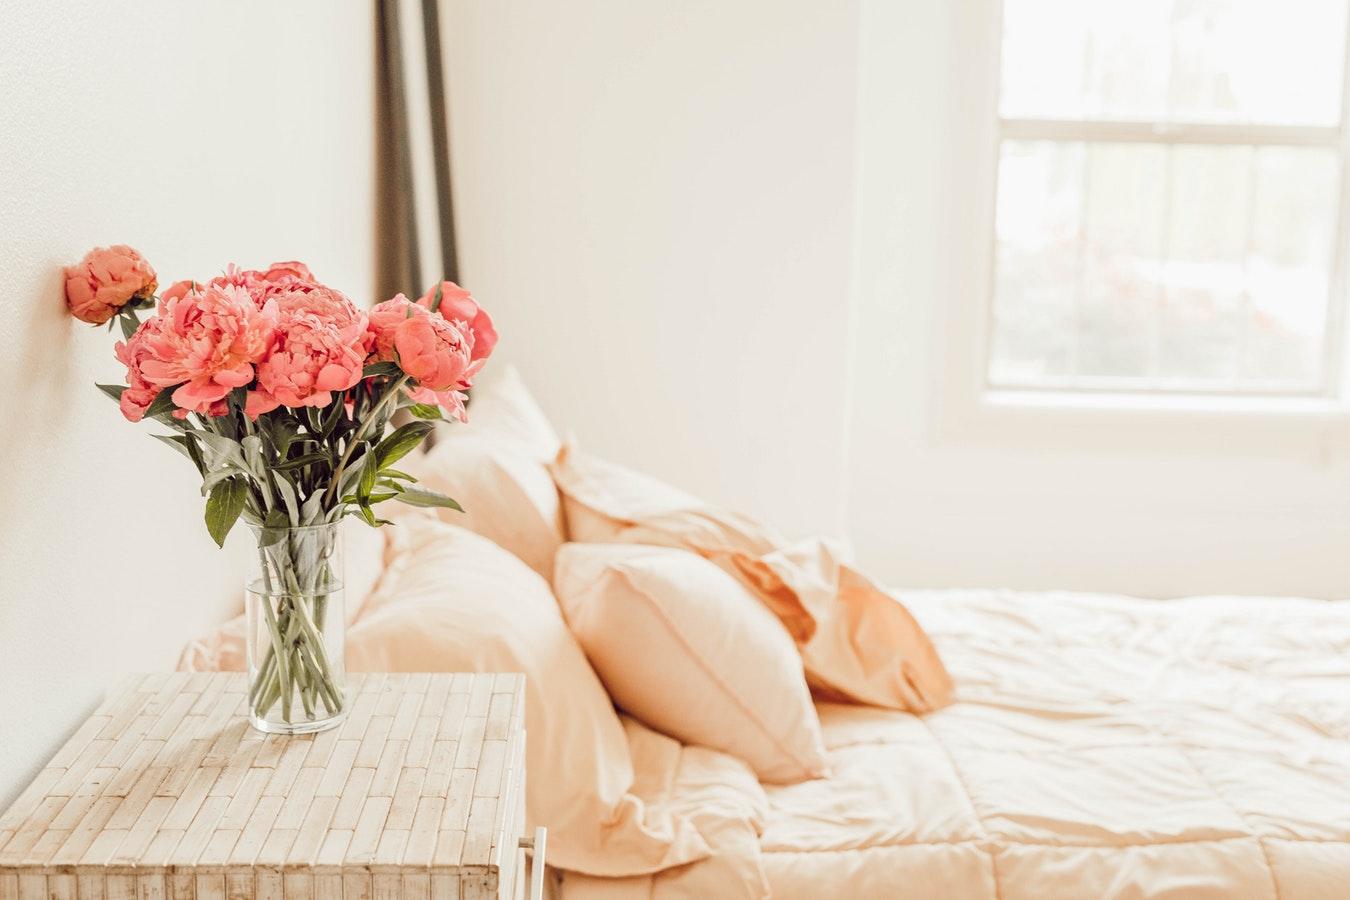 Chambre d'amis décorée avec un bouquet de fleurs